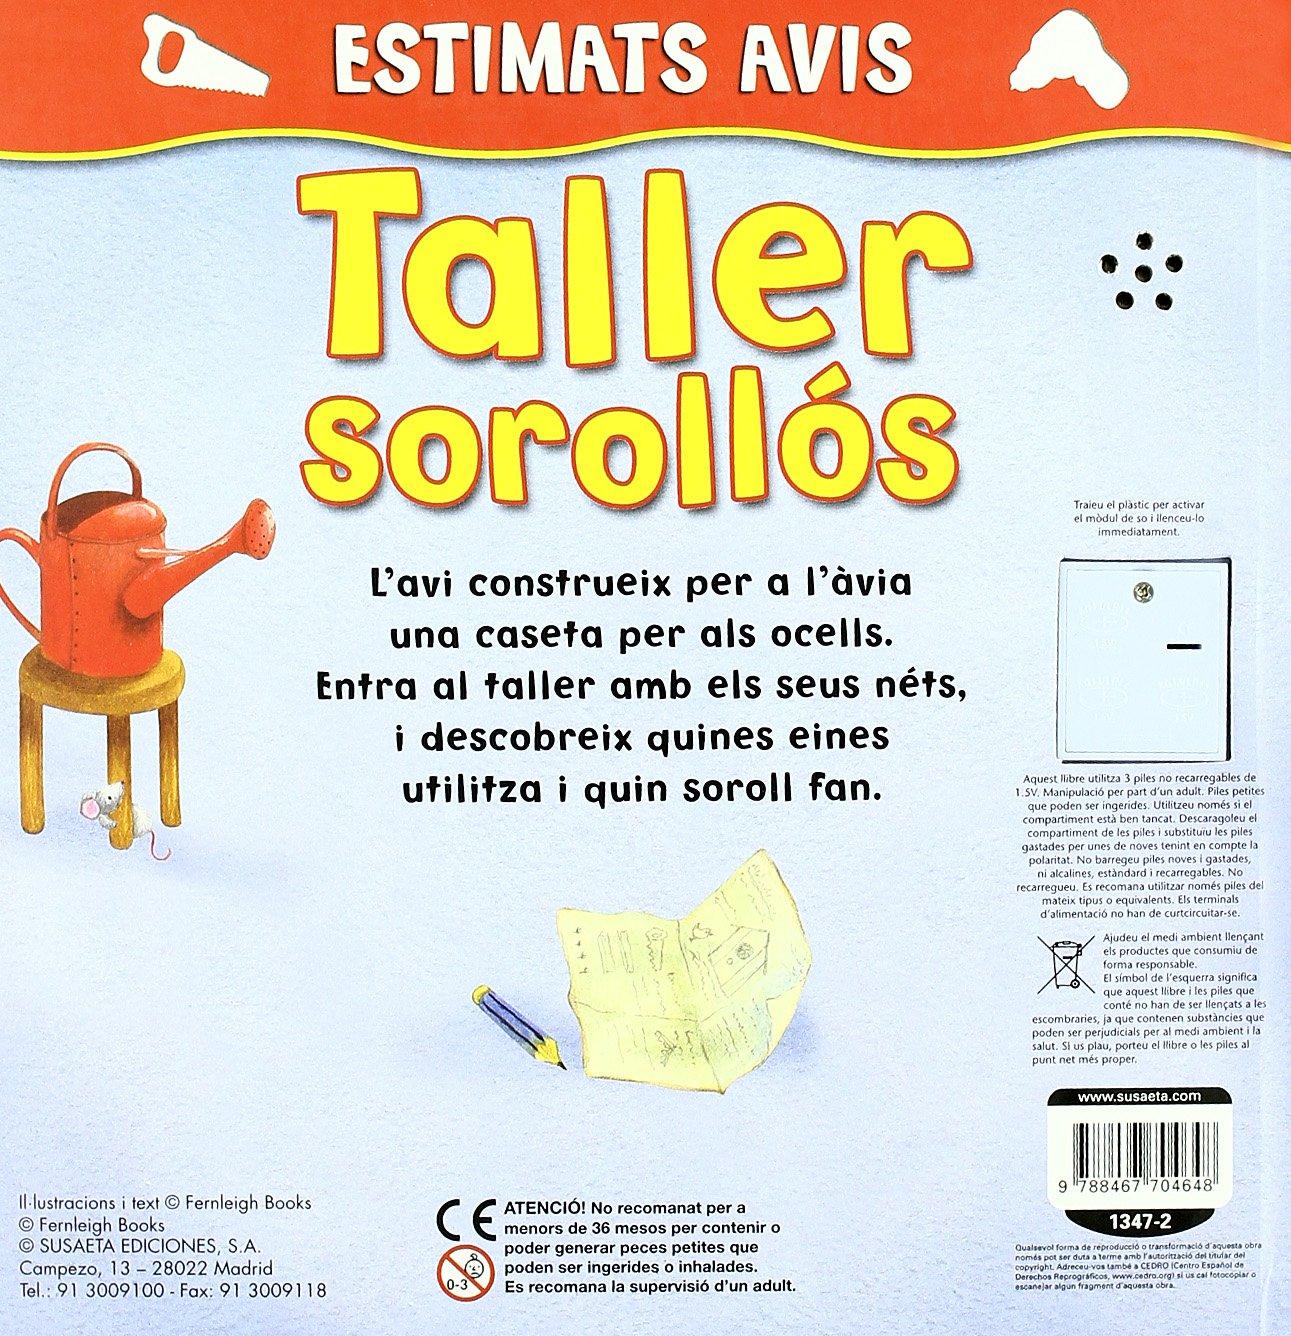 Taller Sorollos (Estimats Avis): Amazon.es: Books Fernleigh, Equipo Susaeta: Libros